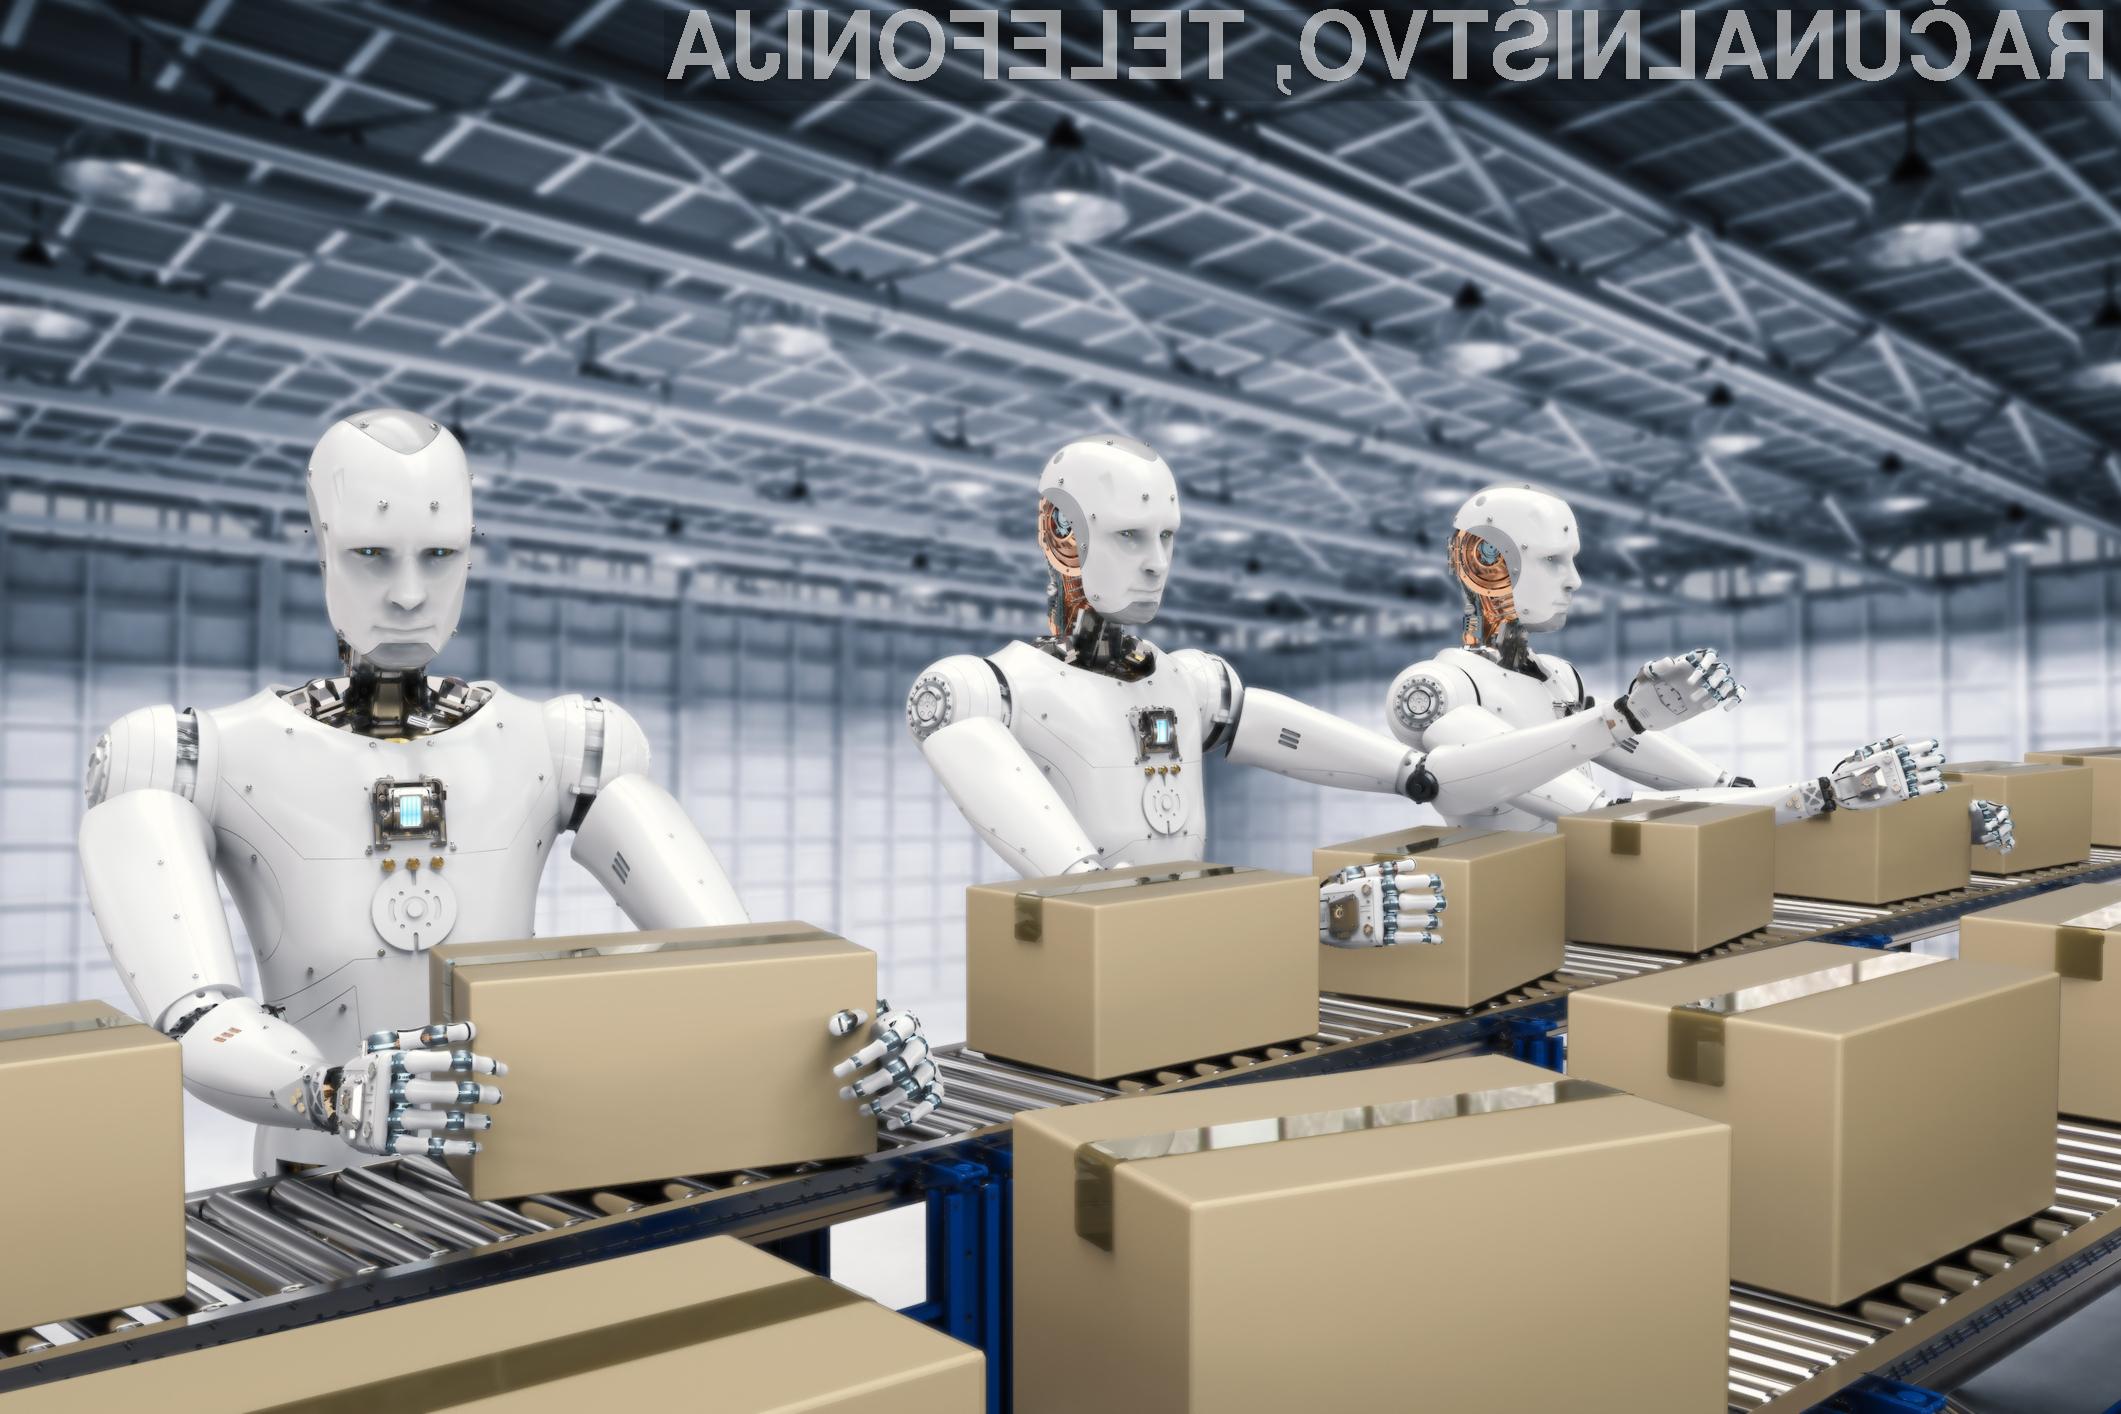 Roboti se že lahko učijo opravil zgolj z opazovanjem ljudi!